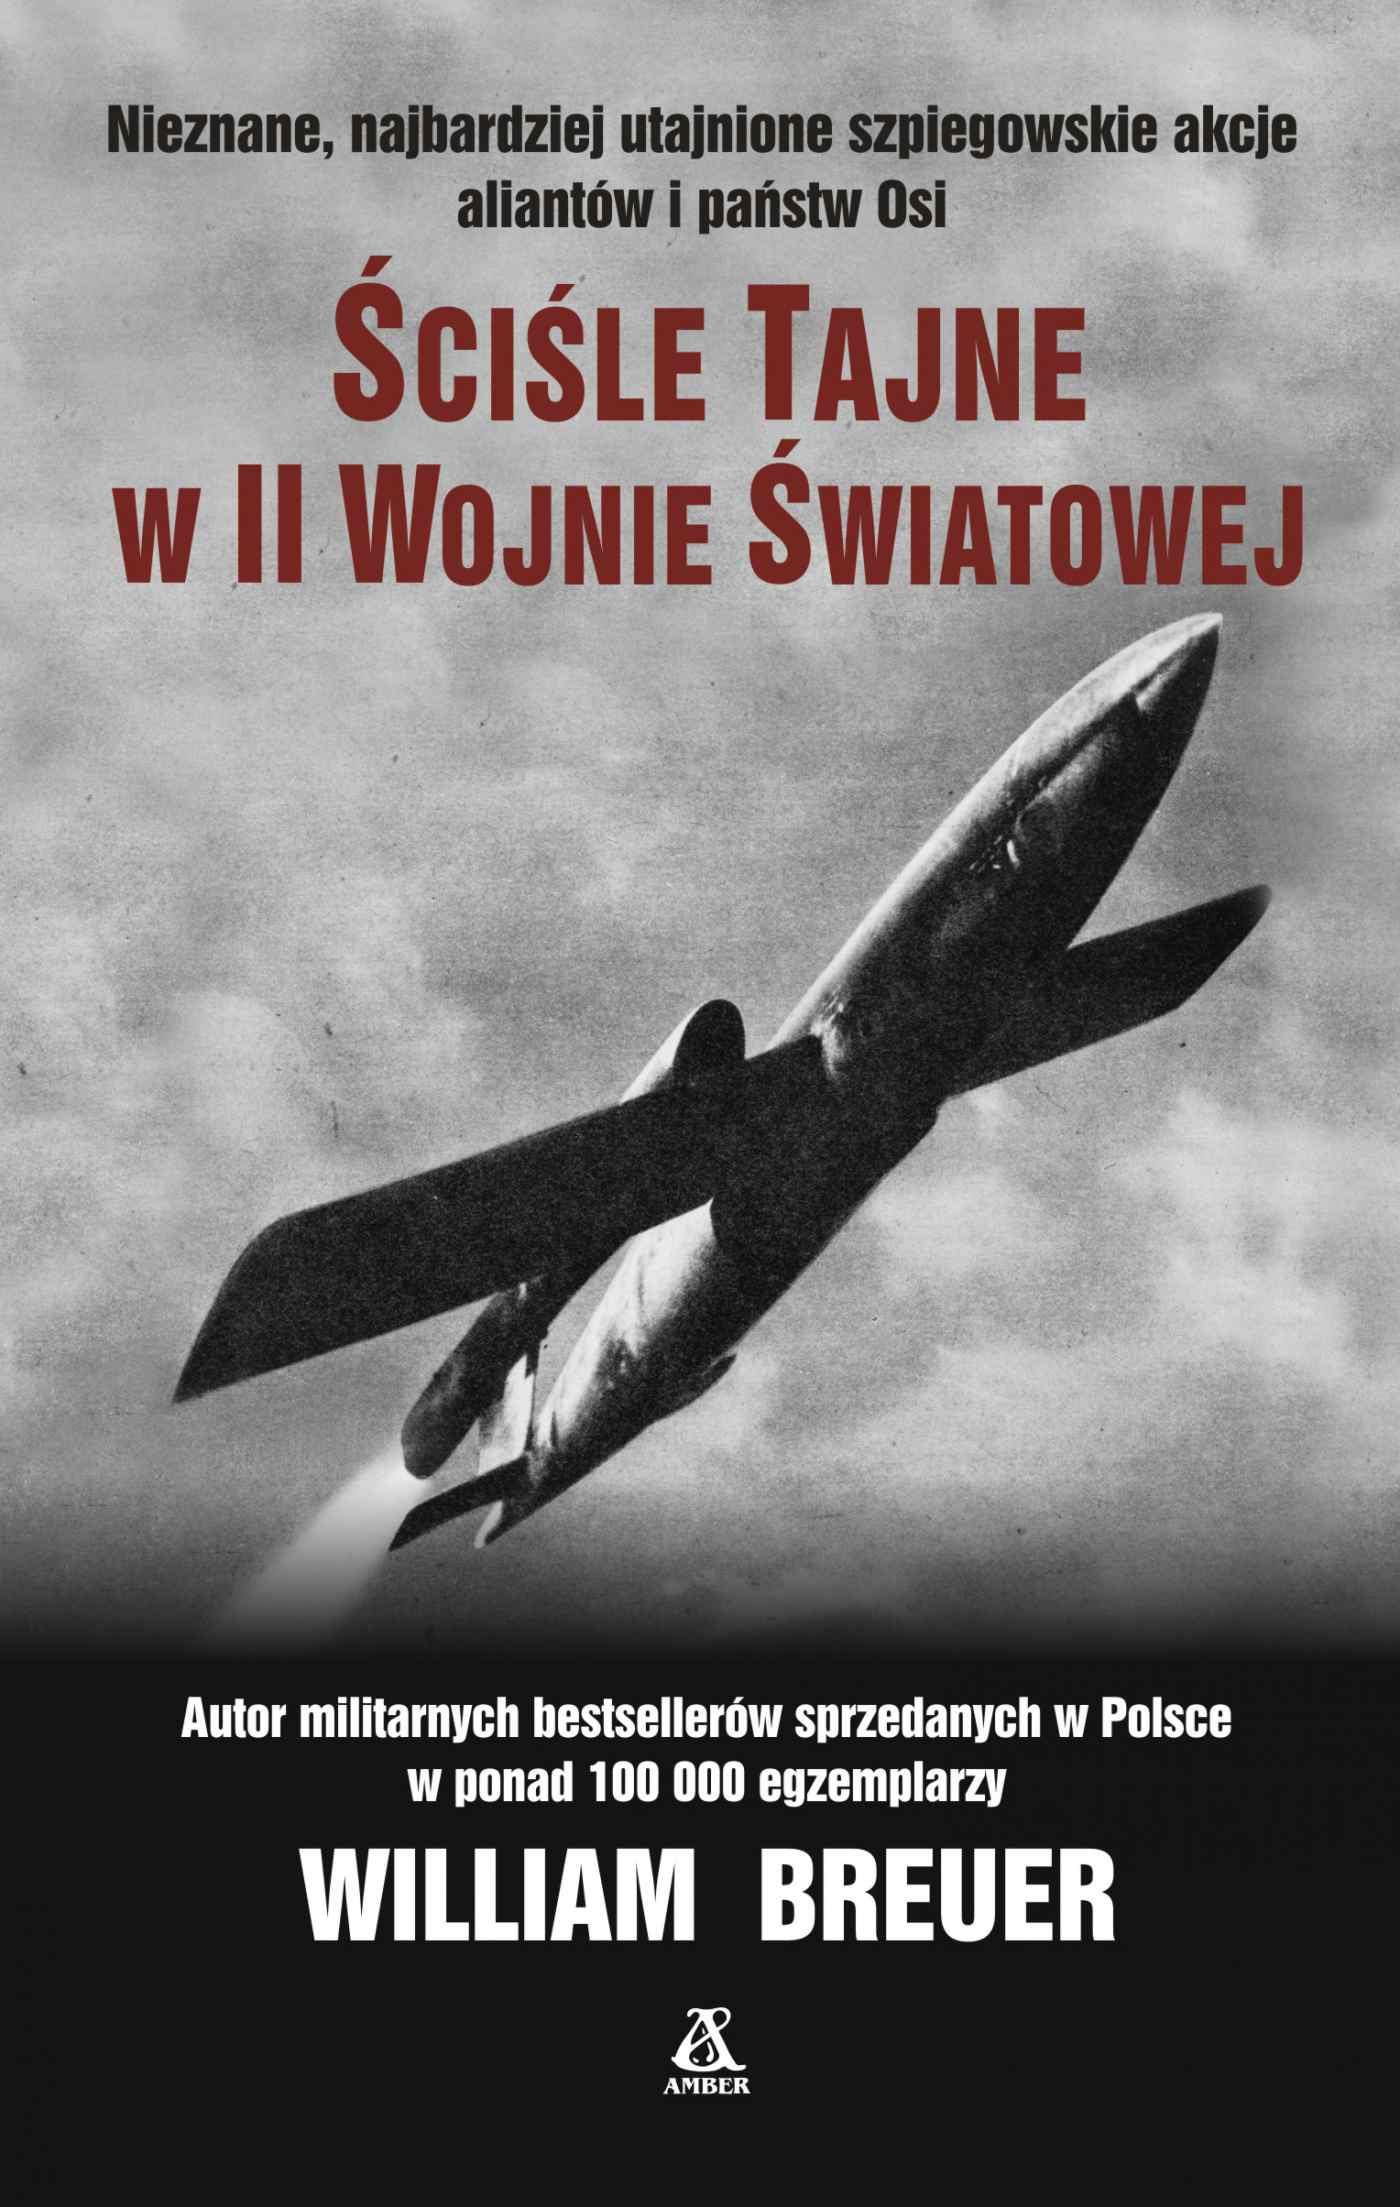 Ściśle tajne w II wojnie światowej - Ebook (Książka EPUB) do pobrania w formacie EPUB